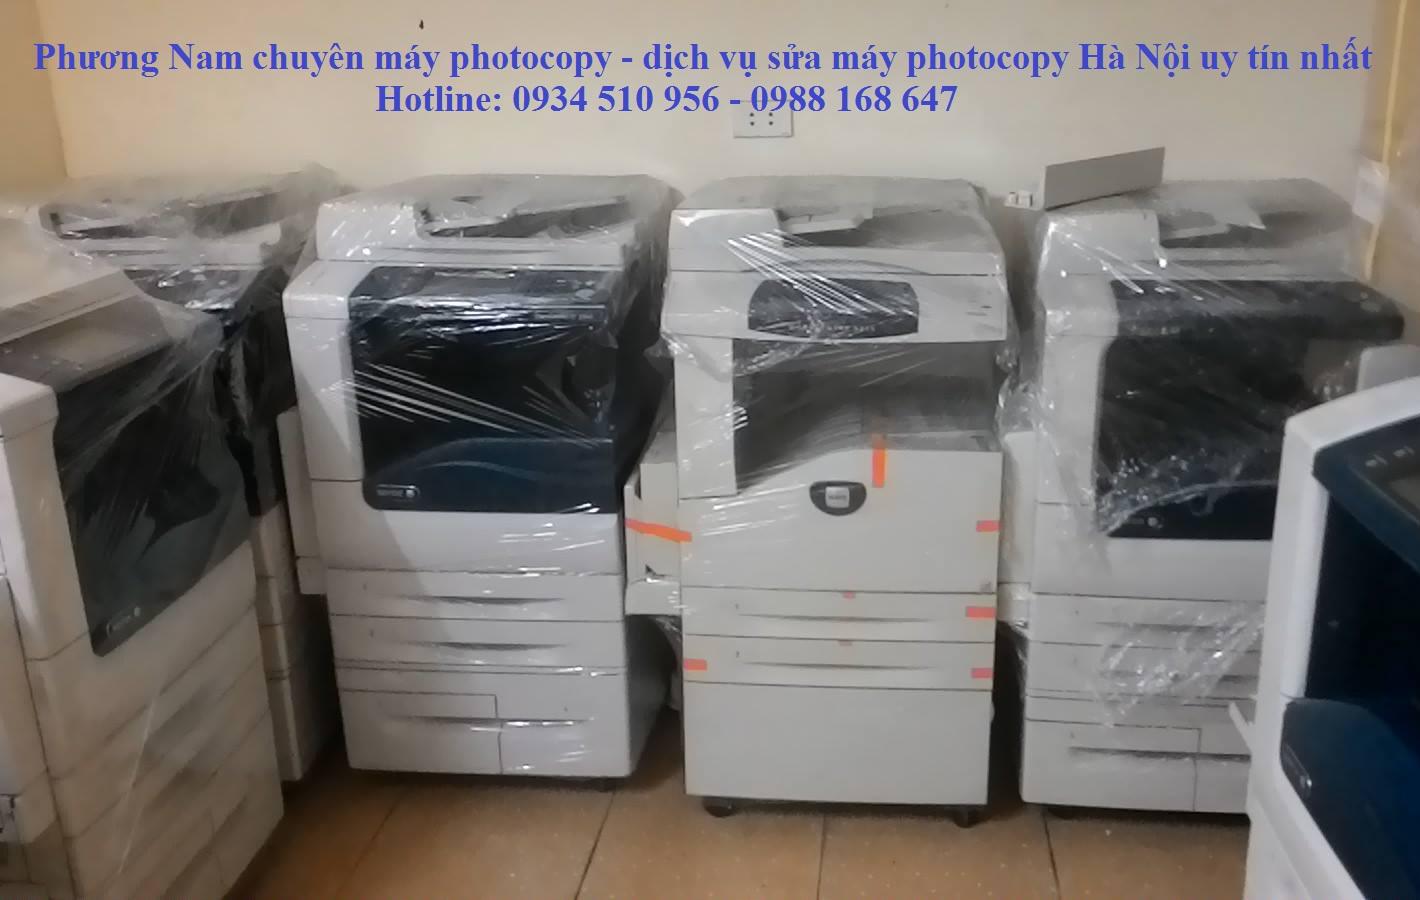 Chuyên sửa máy photocopy tại Lê Đức Thọ, dịch vụ đổ mực máy in, photo giá rẻ